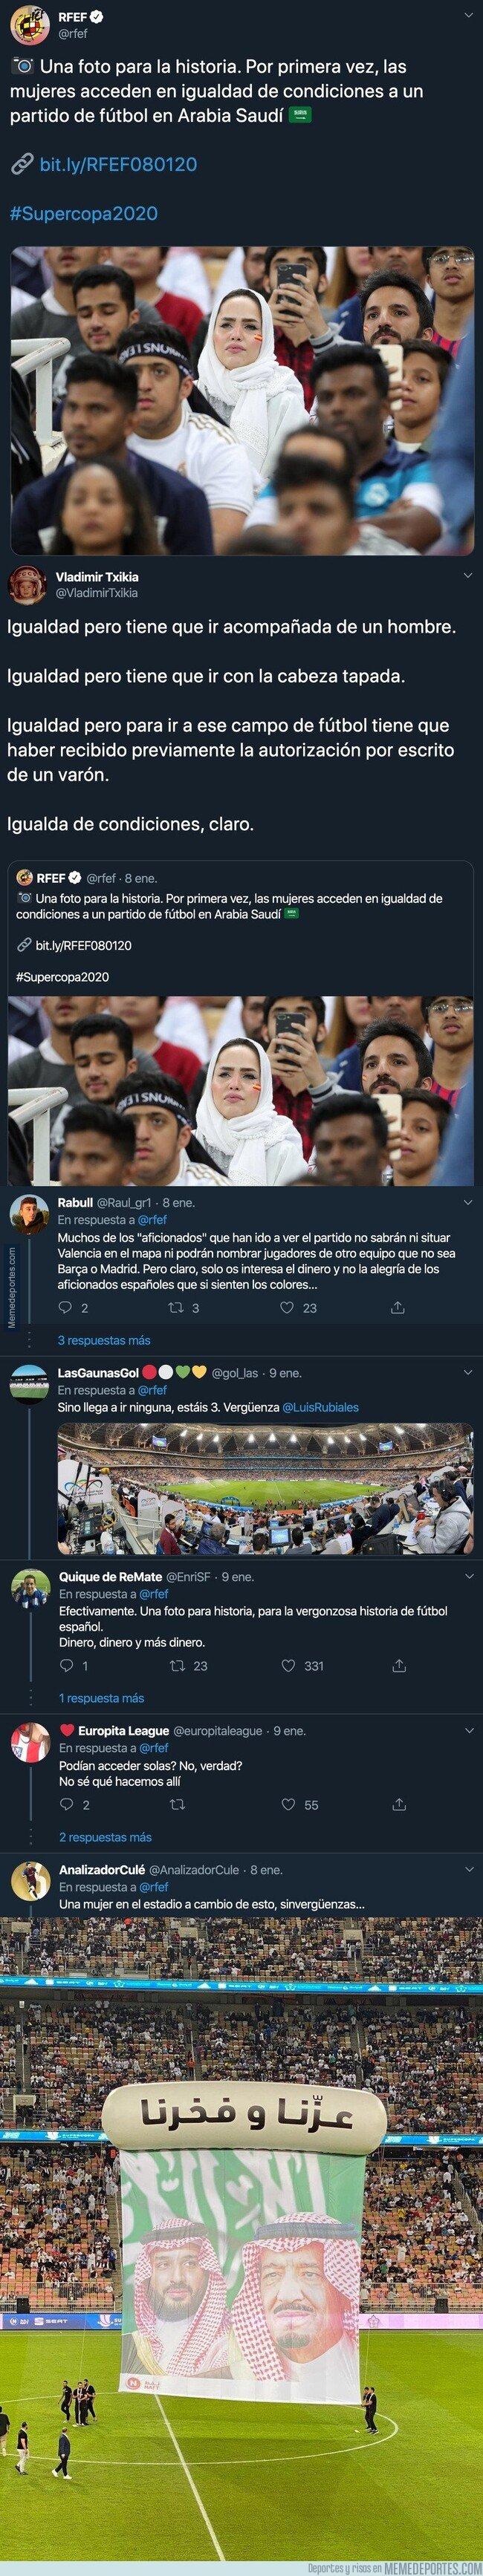 1095468 - La 'RFEF' se autofelicita por la foto de una mujer en Arabia Saudí viendo la Supercopa de España y le caen unos palos descomunales en las respuestas